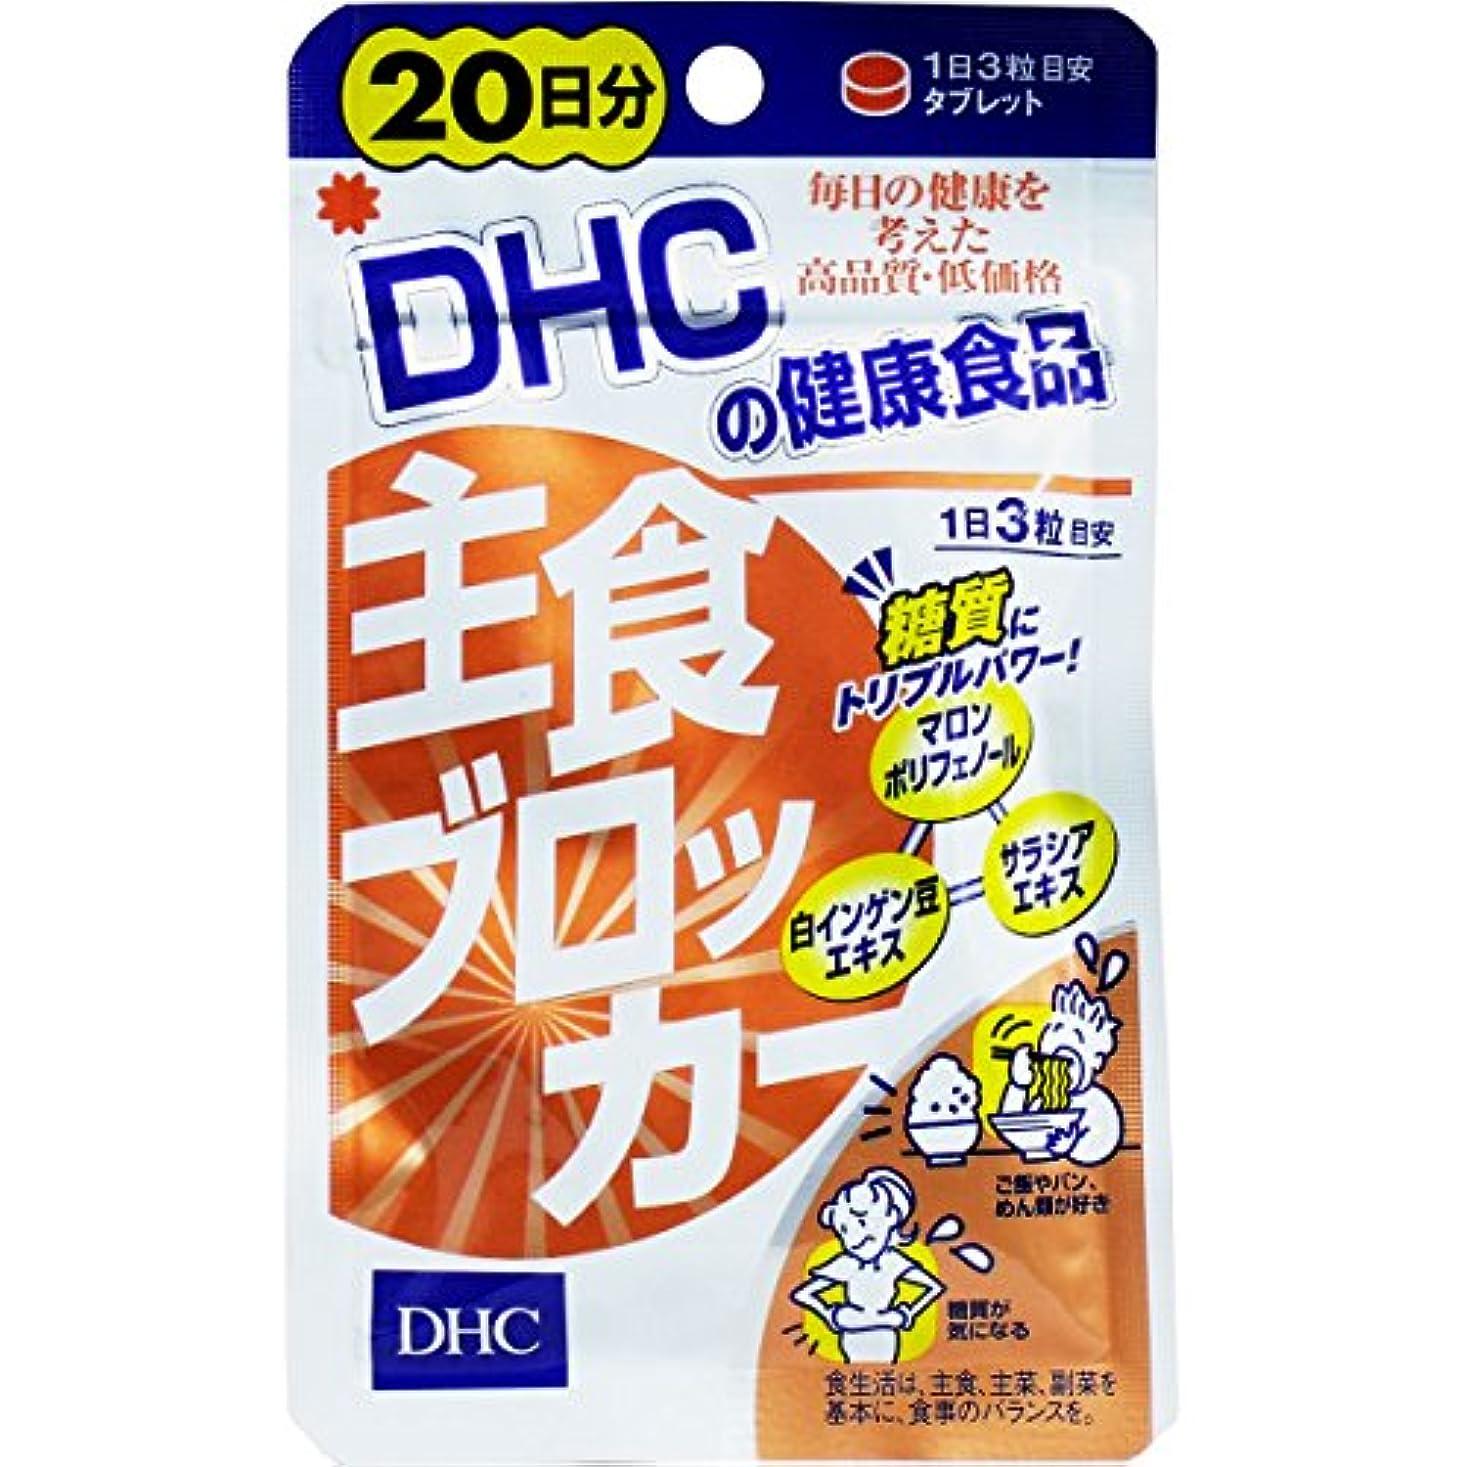 境界バイオリニストペイントDHC 主食ブロッカー 20日分 60粒(12g) ×5個セット